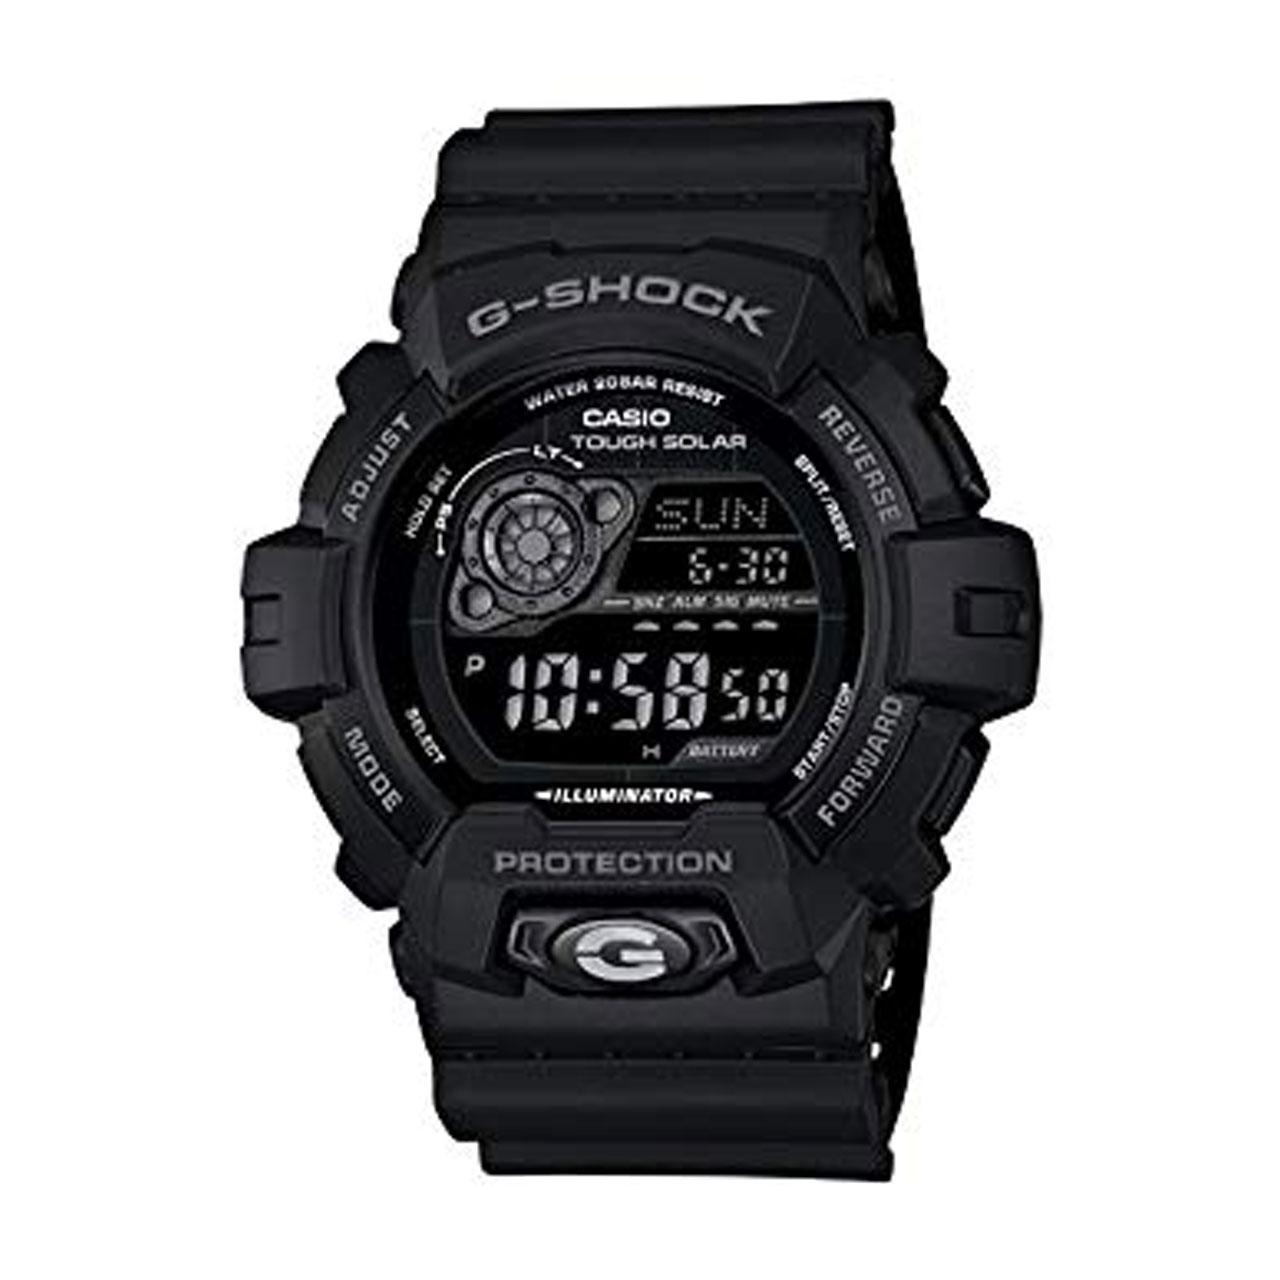 ساعت مچی دیجیتالی مردانه کاسیو جی شاک مدل GR-8900A-1DR 25